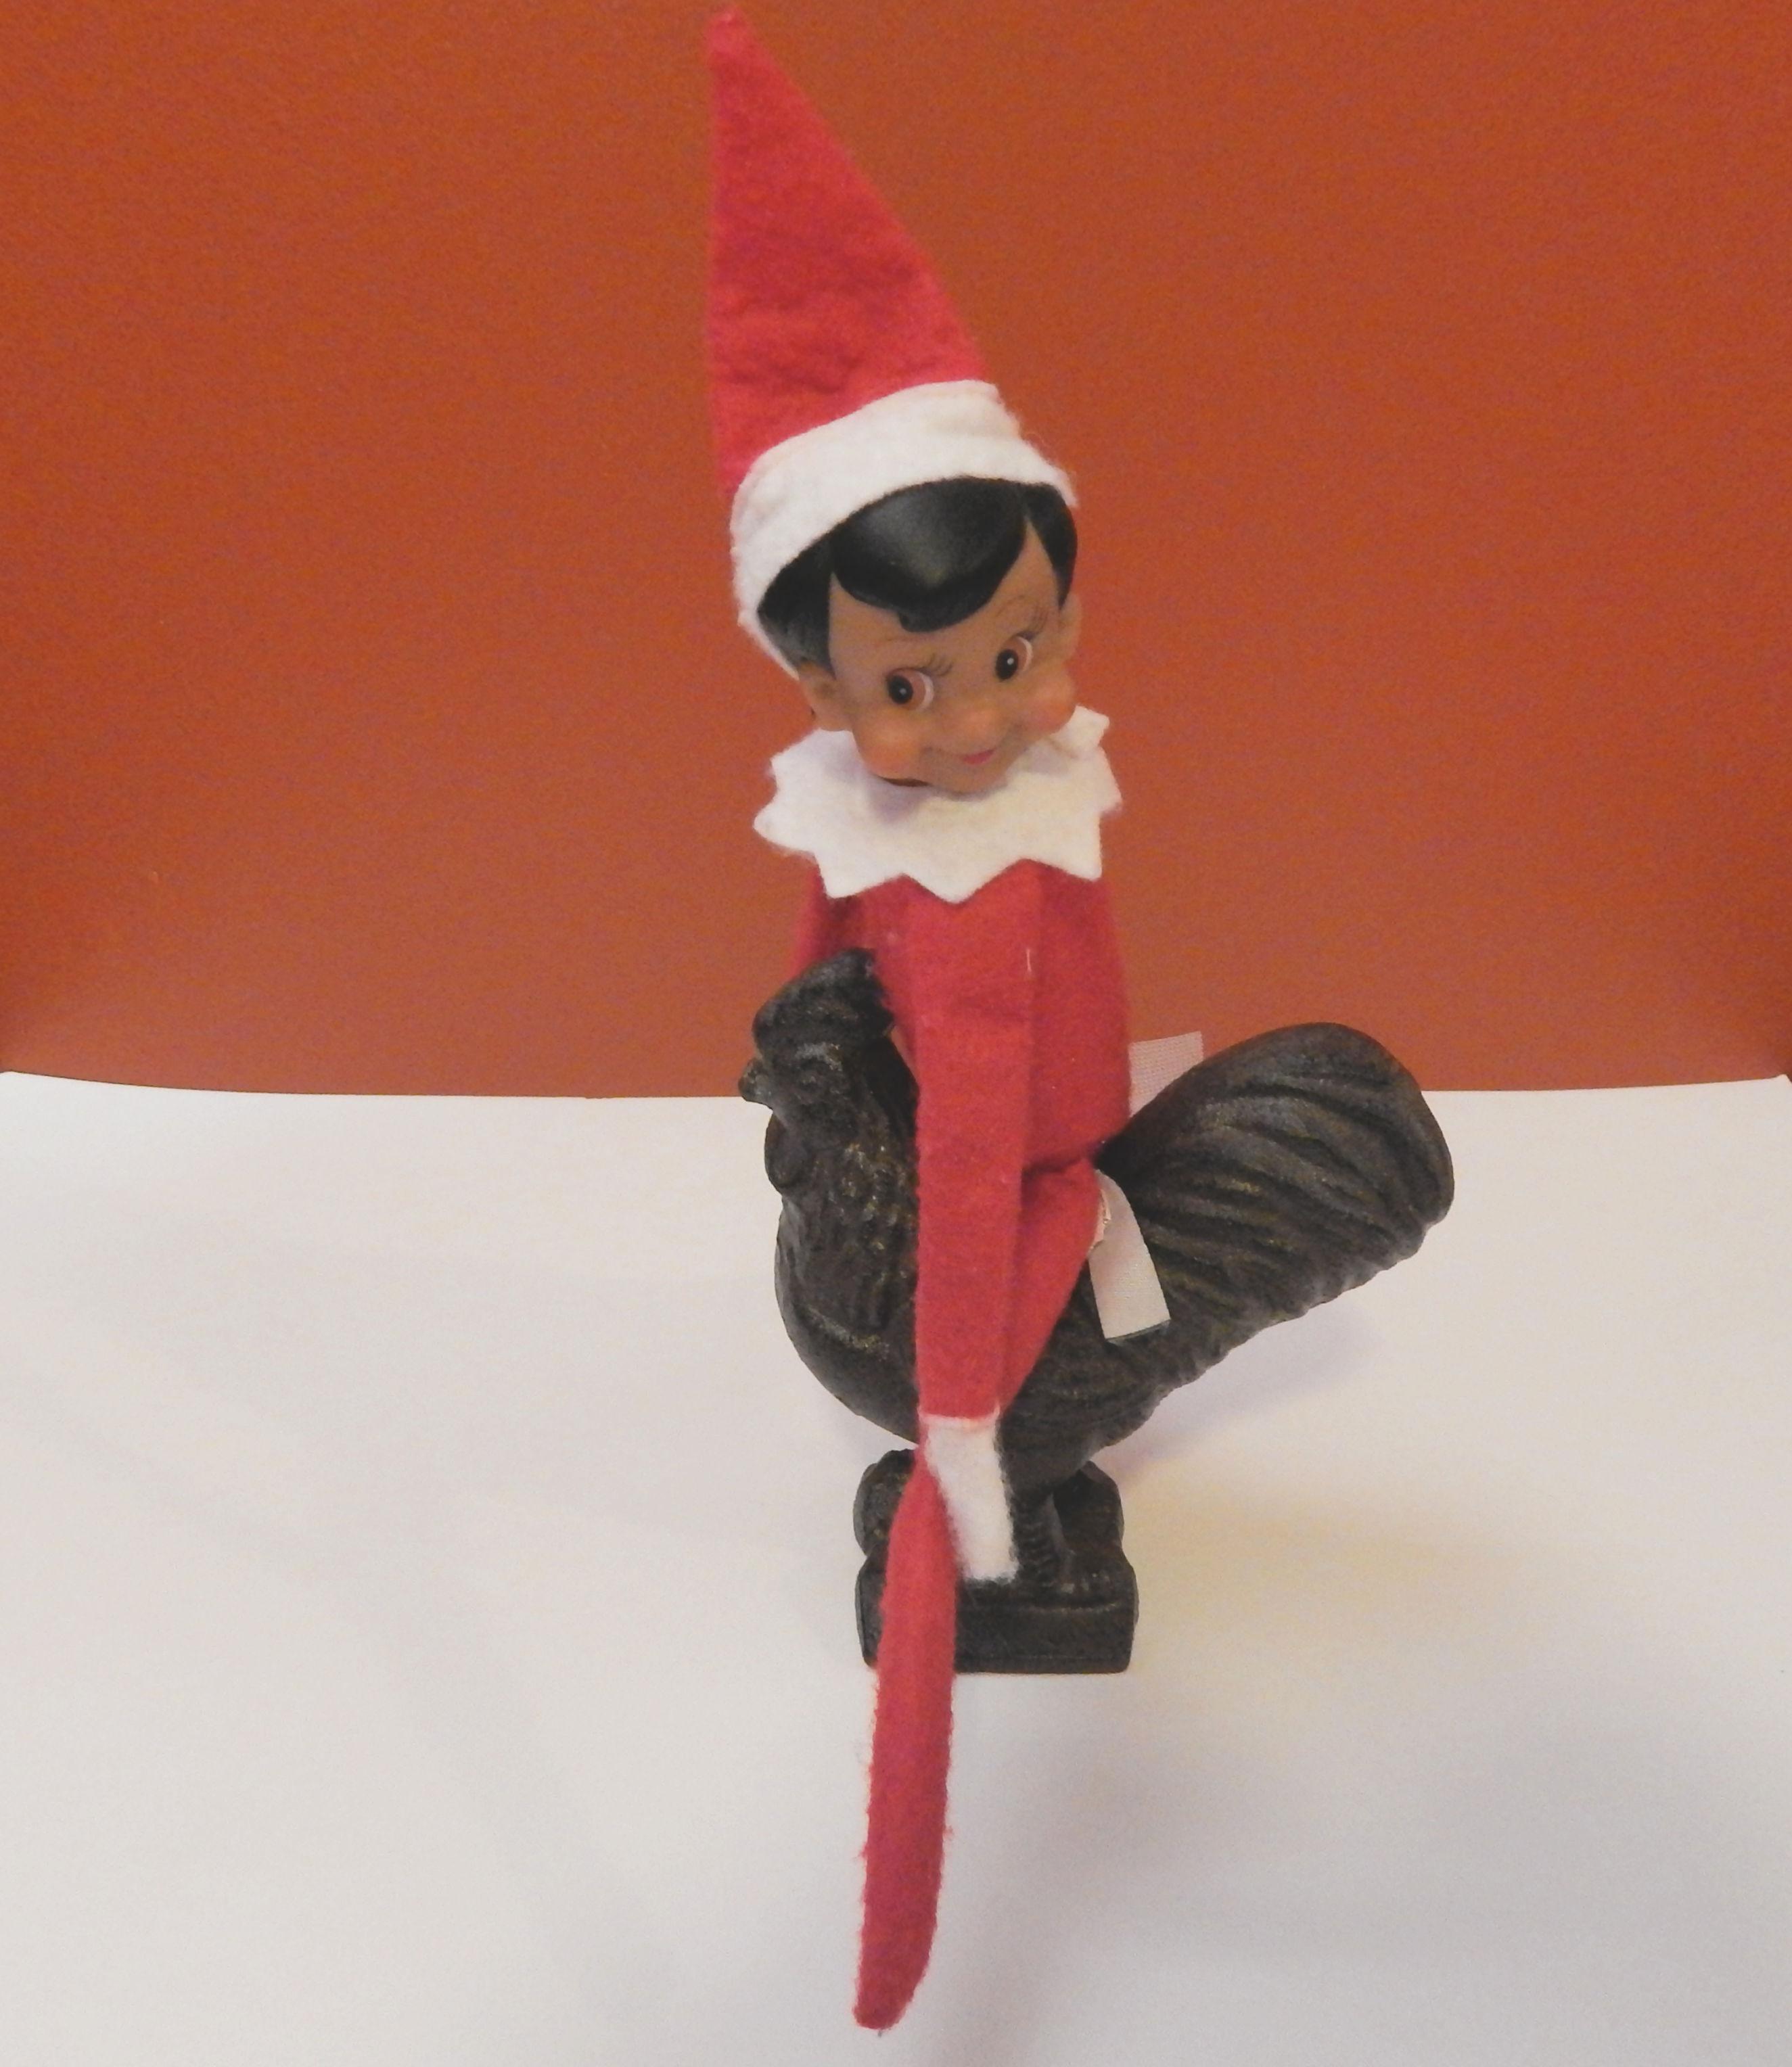 Crazy Elf On The Shelf